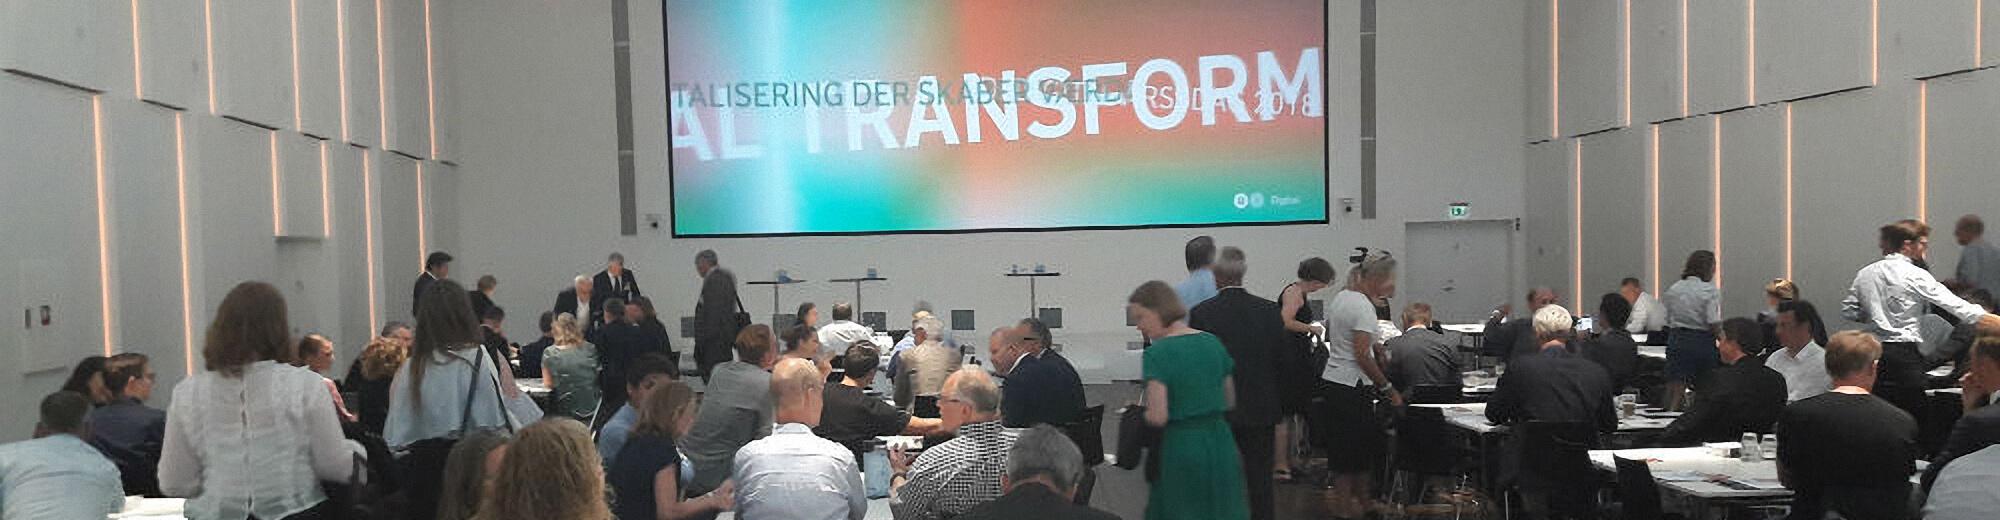 Hvordan booster man digitaliseringen af den private og offentlige sektor i Danmark? Et kort resumé af DI-Digitals årsmøde 2018